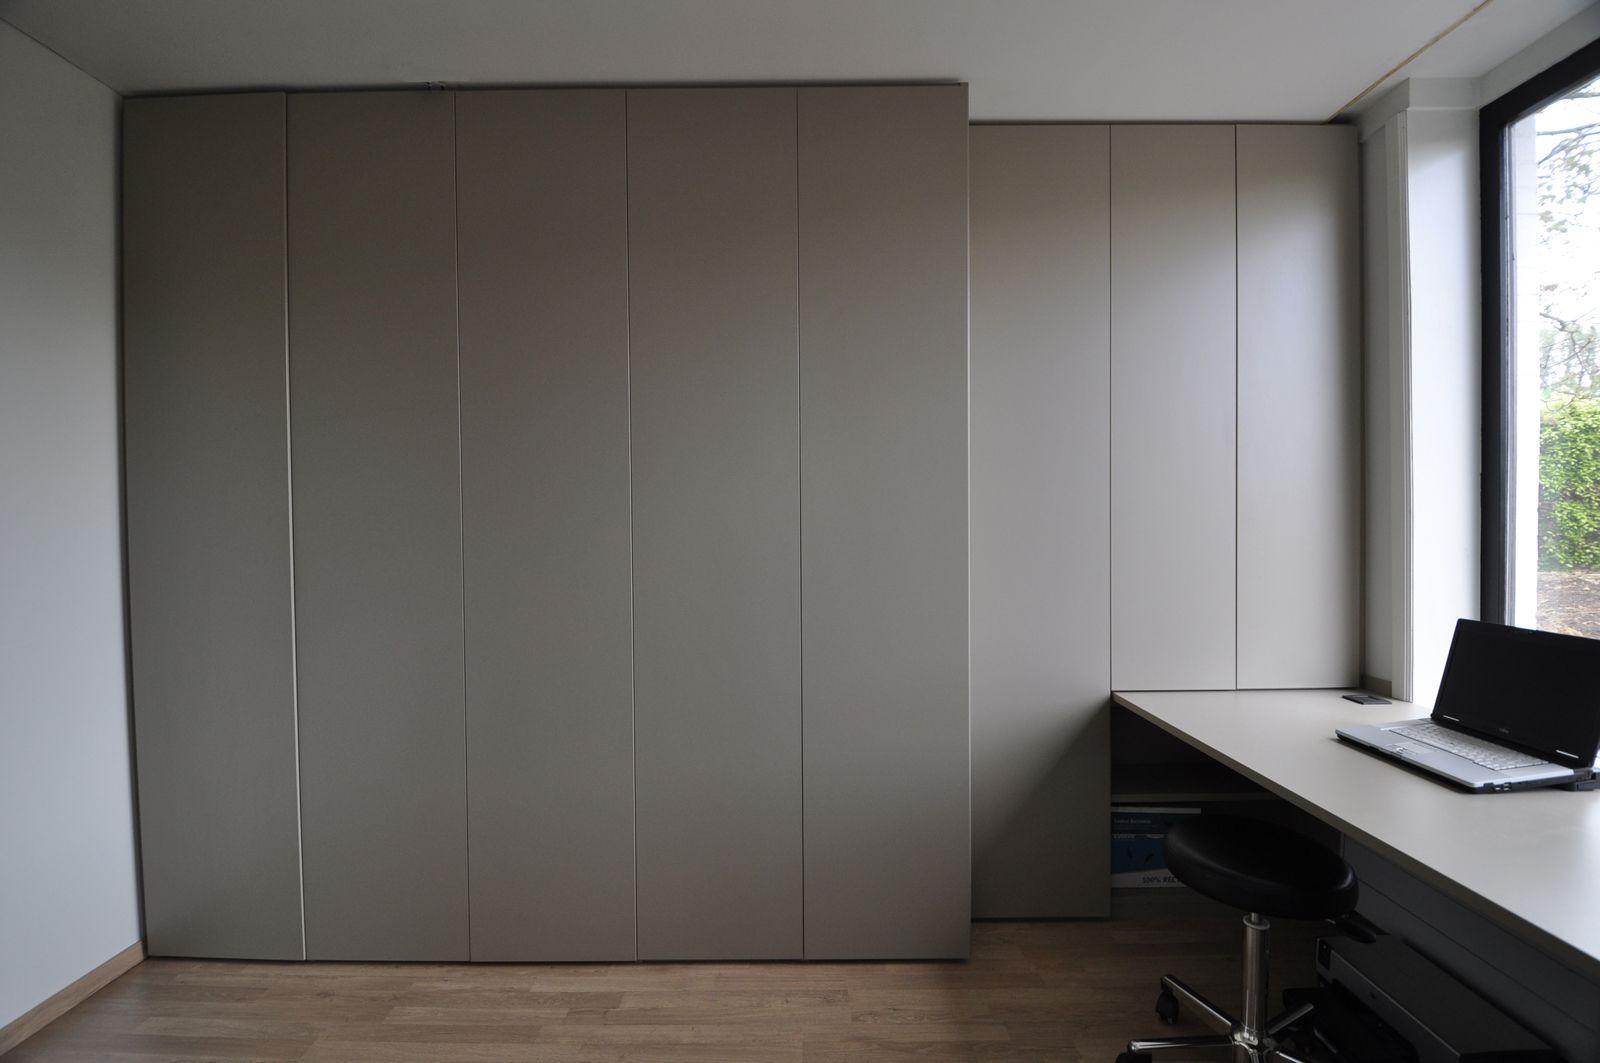 bureau in basaltgrijs maatkast met draaideuren pinterest. Black Bedroom Furniture Sets. Home Design Ideas